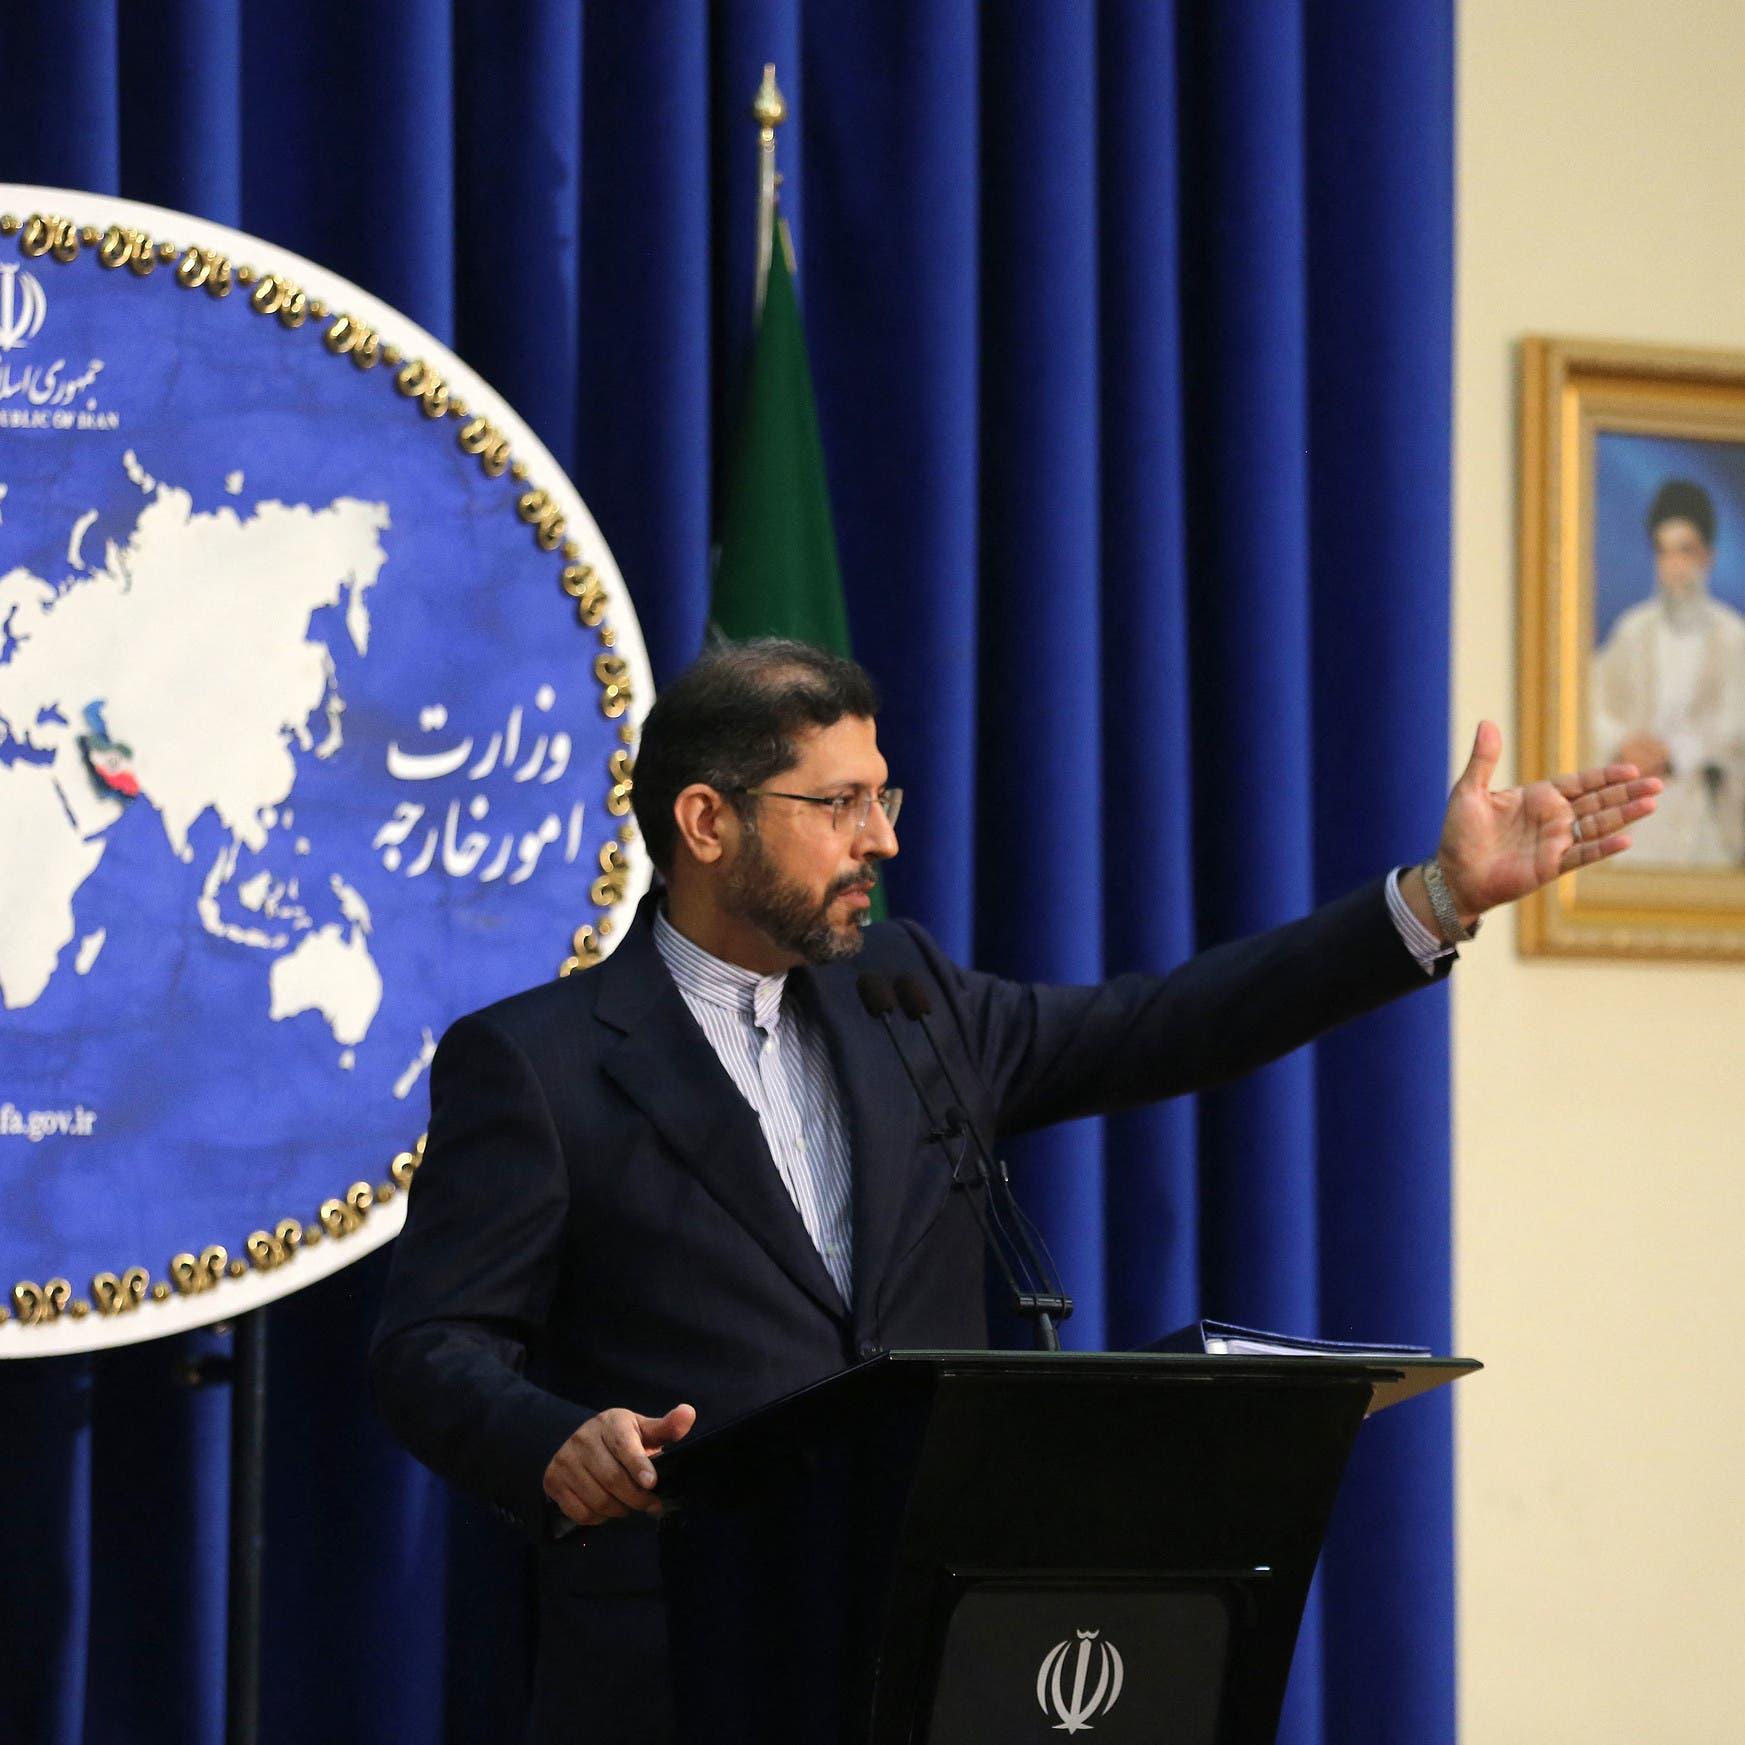 طهران: عقوبات أميركا وشبكة الخطف سيناريو هوليوودي